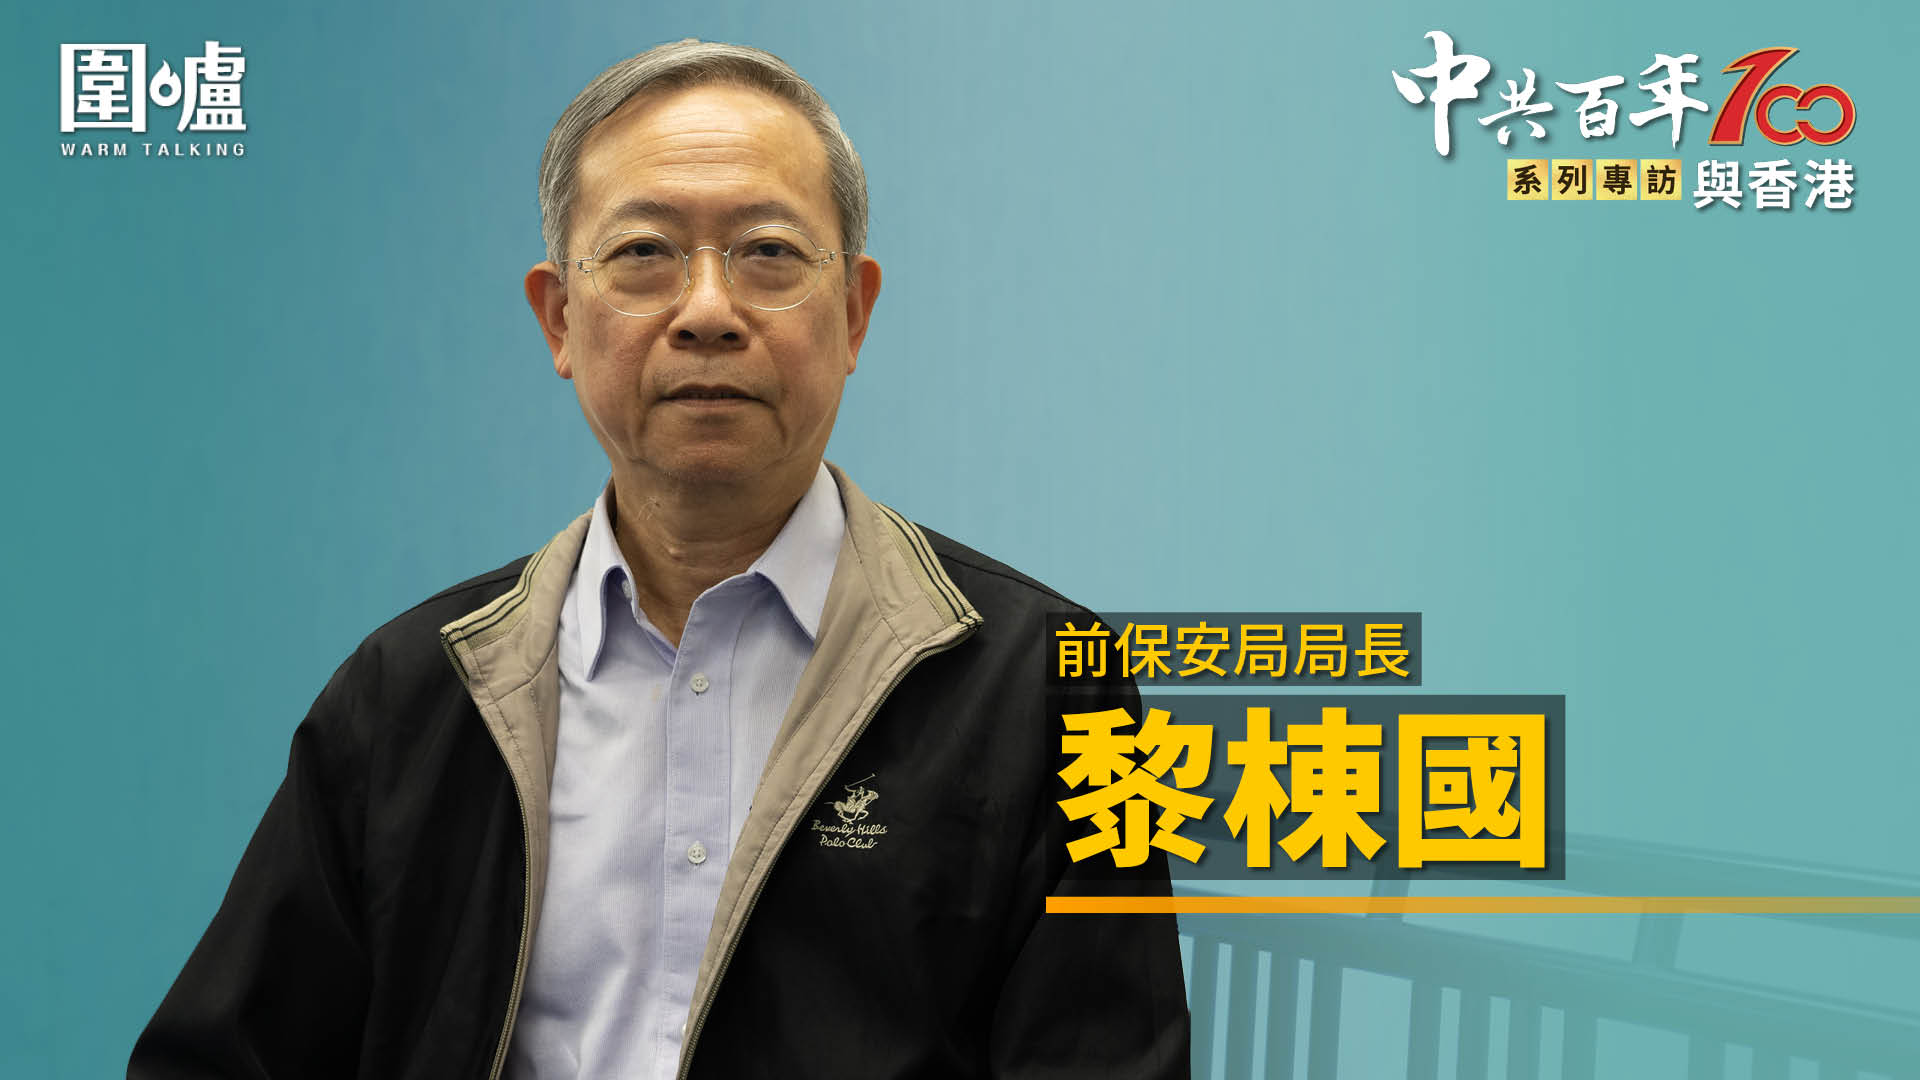 【專訪】黎棟國:內地與香港百年緊密聯繫  香港應把握大灣區機遇創高峰